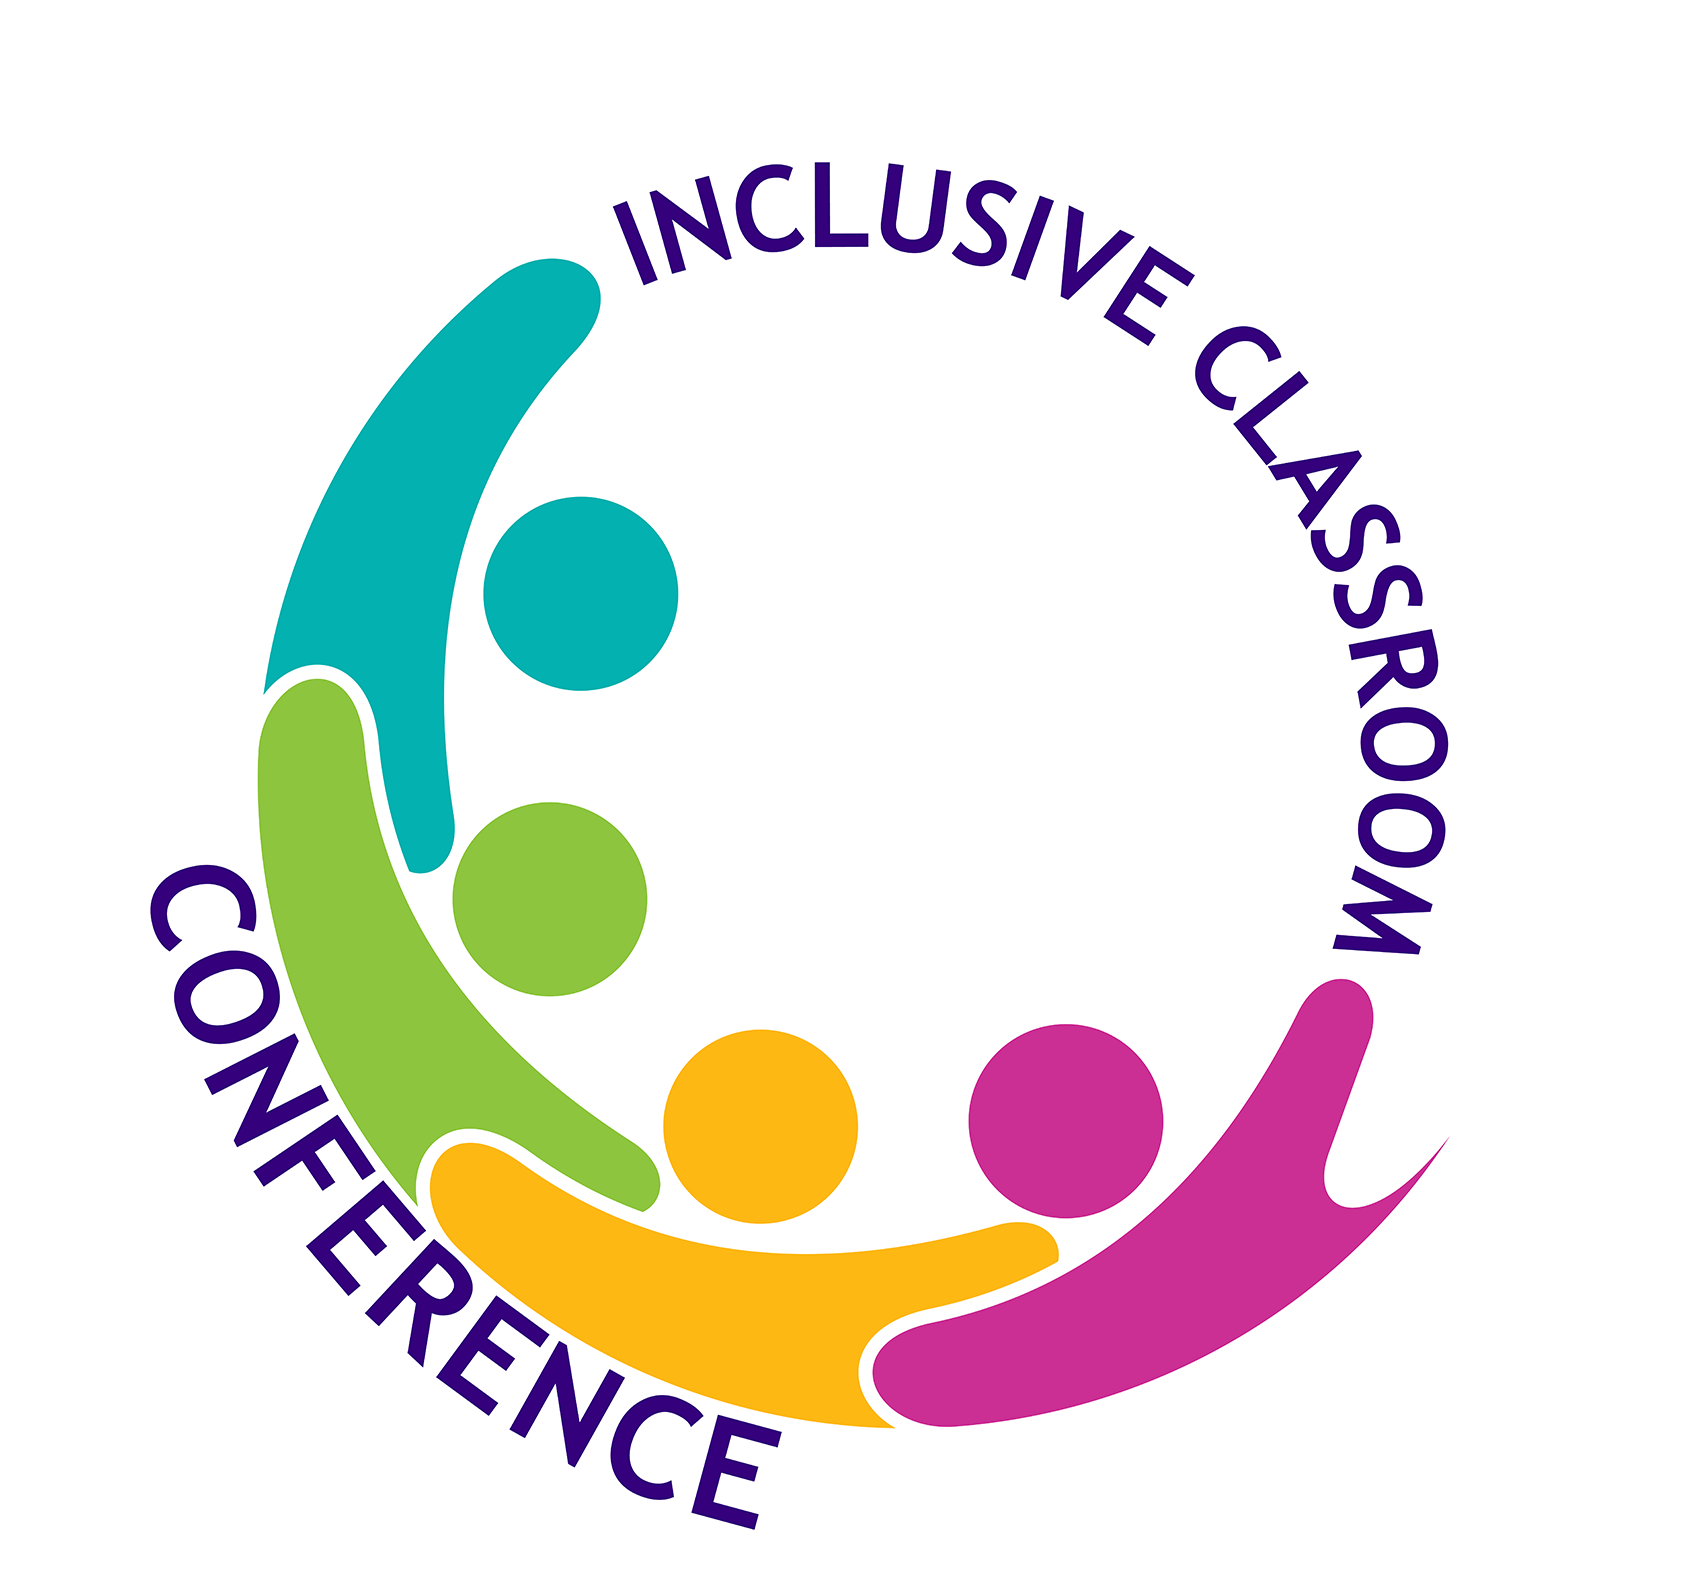 Inclusive Classroom Conference graphic aspect ratio 640 600